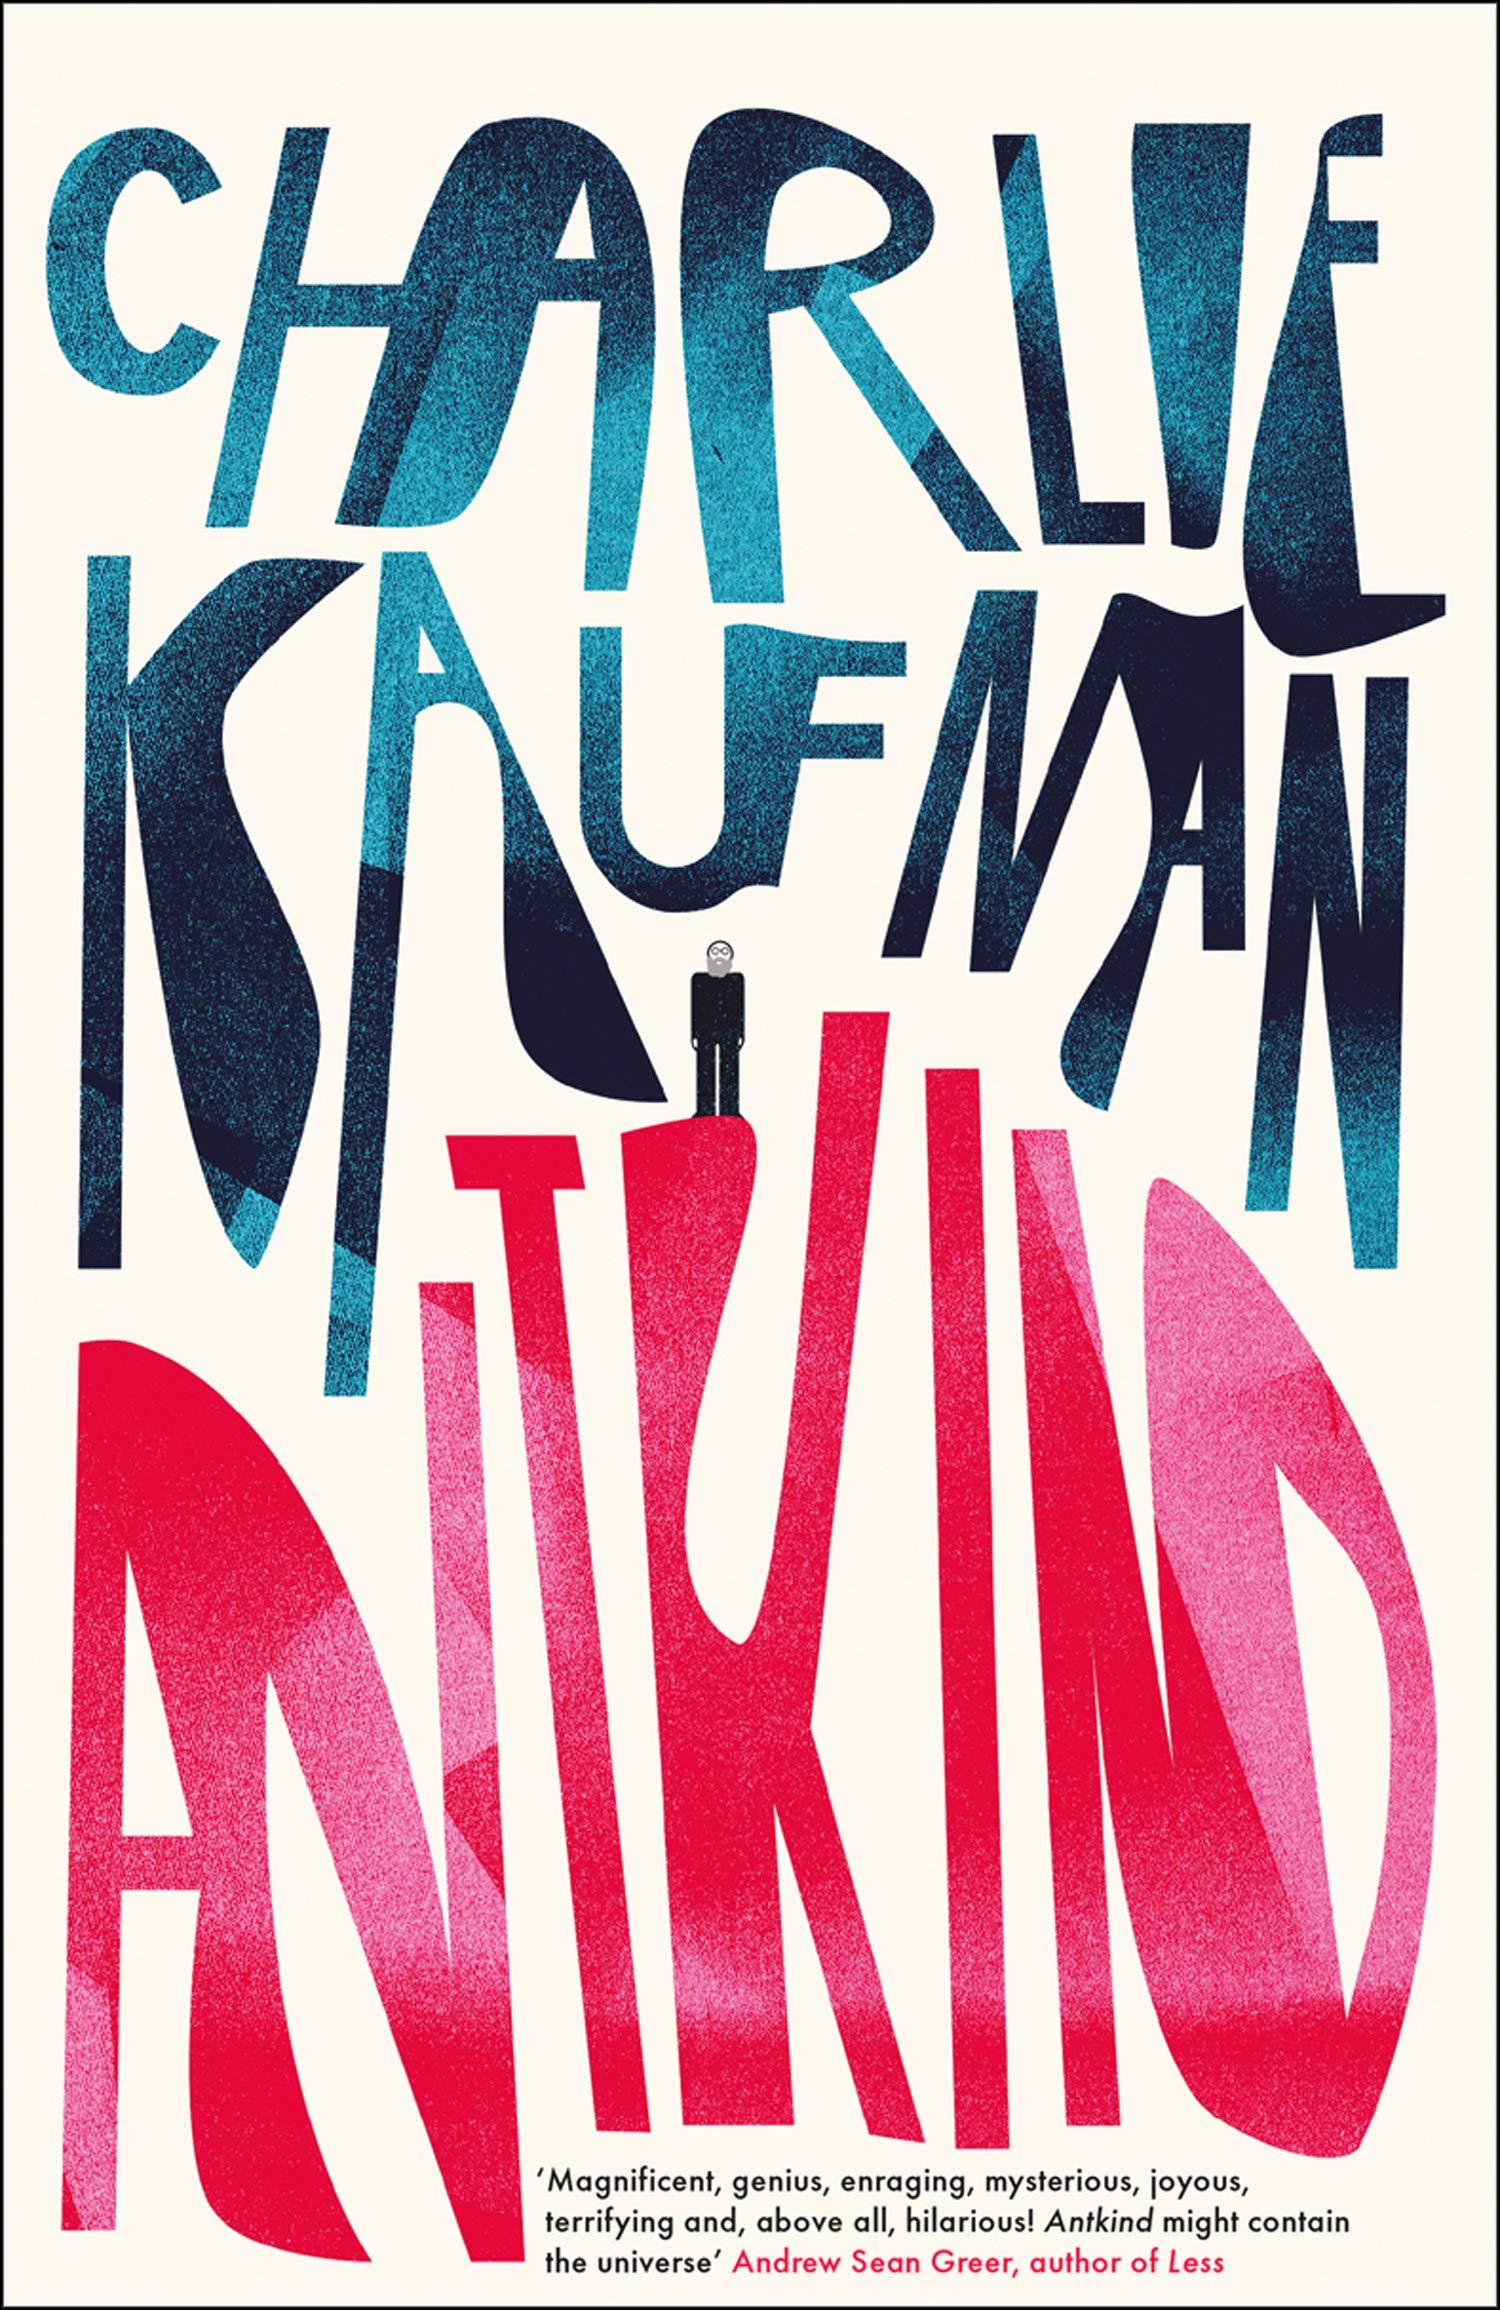 Antkind: A Novel | Charlie Kaufman | Charlie Byrne's